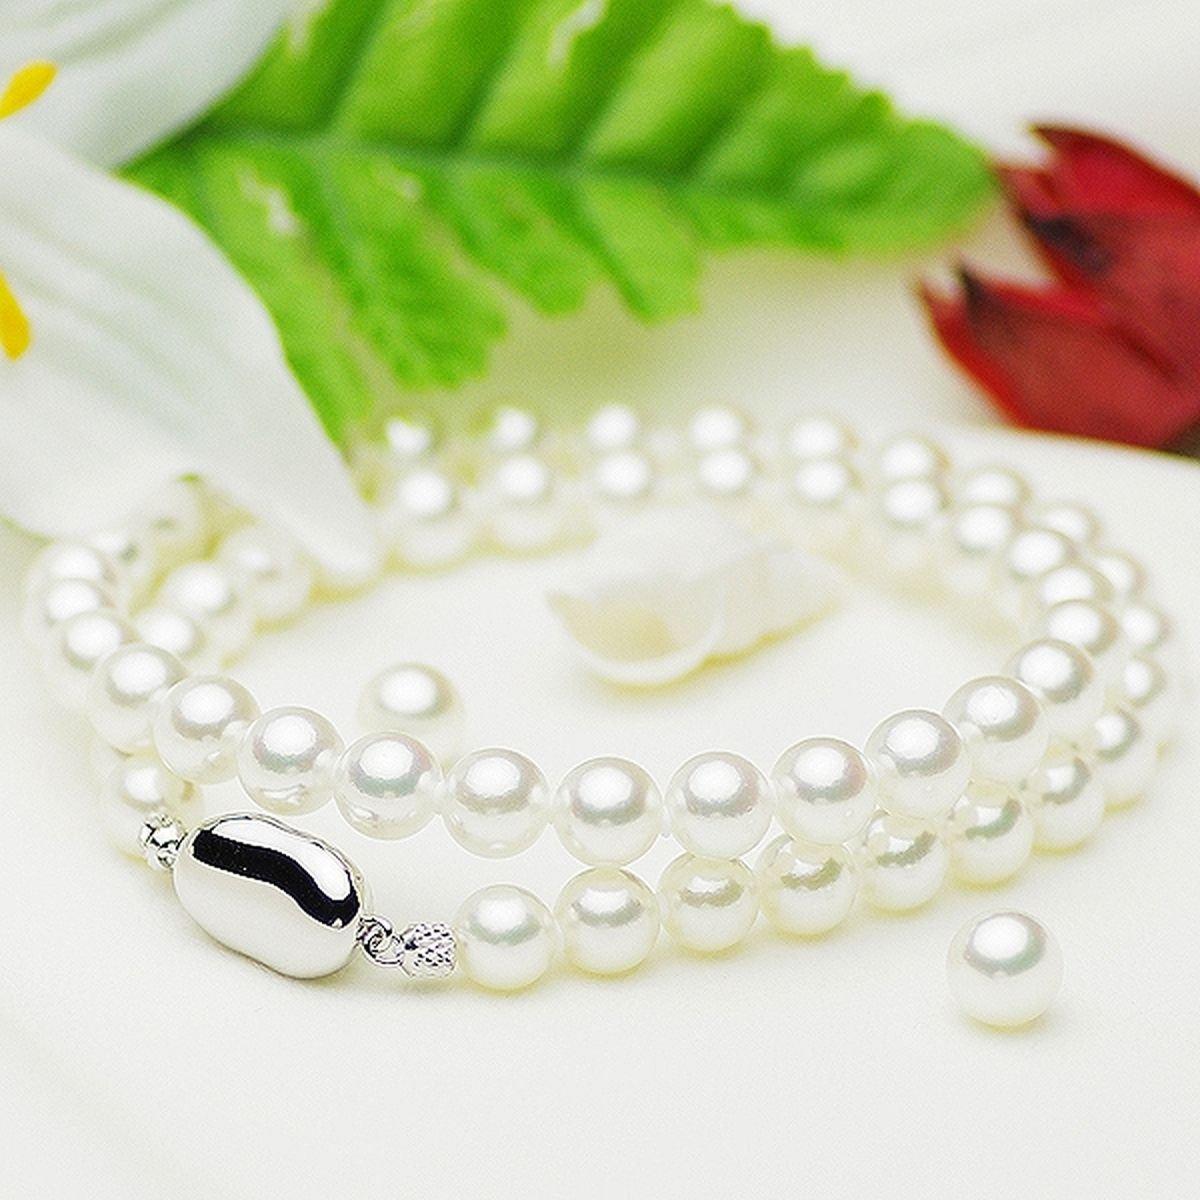 アコヤ 花珠 真珠 イヤリング ネックレス セットの写真